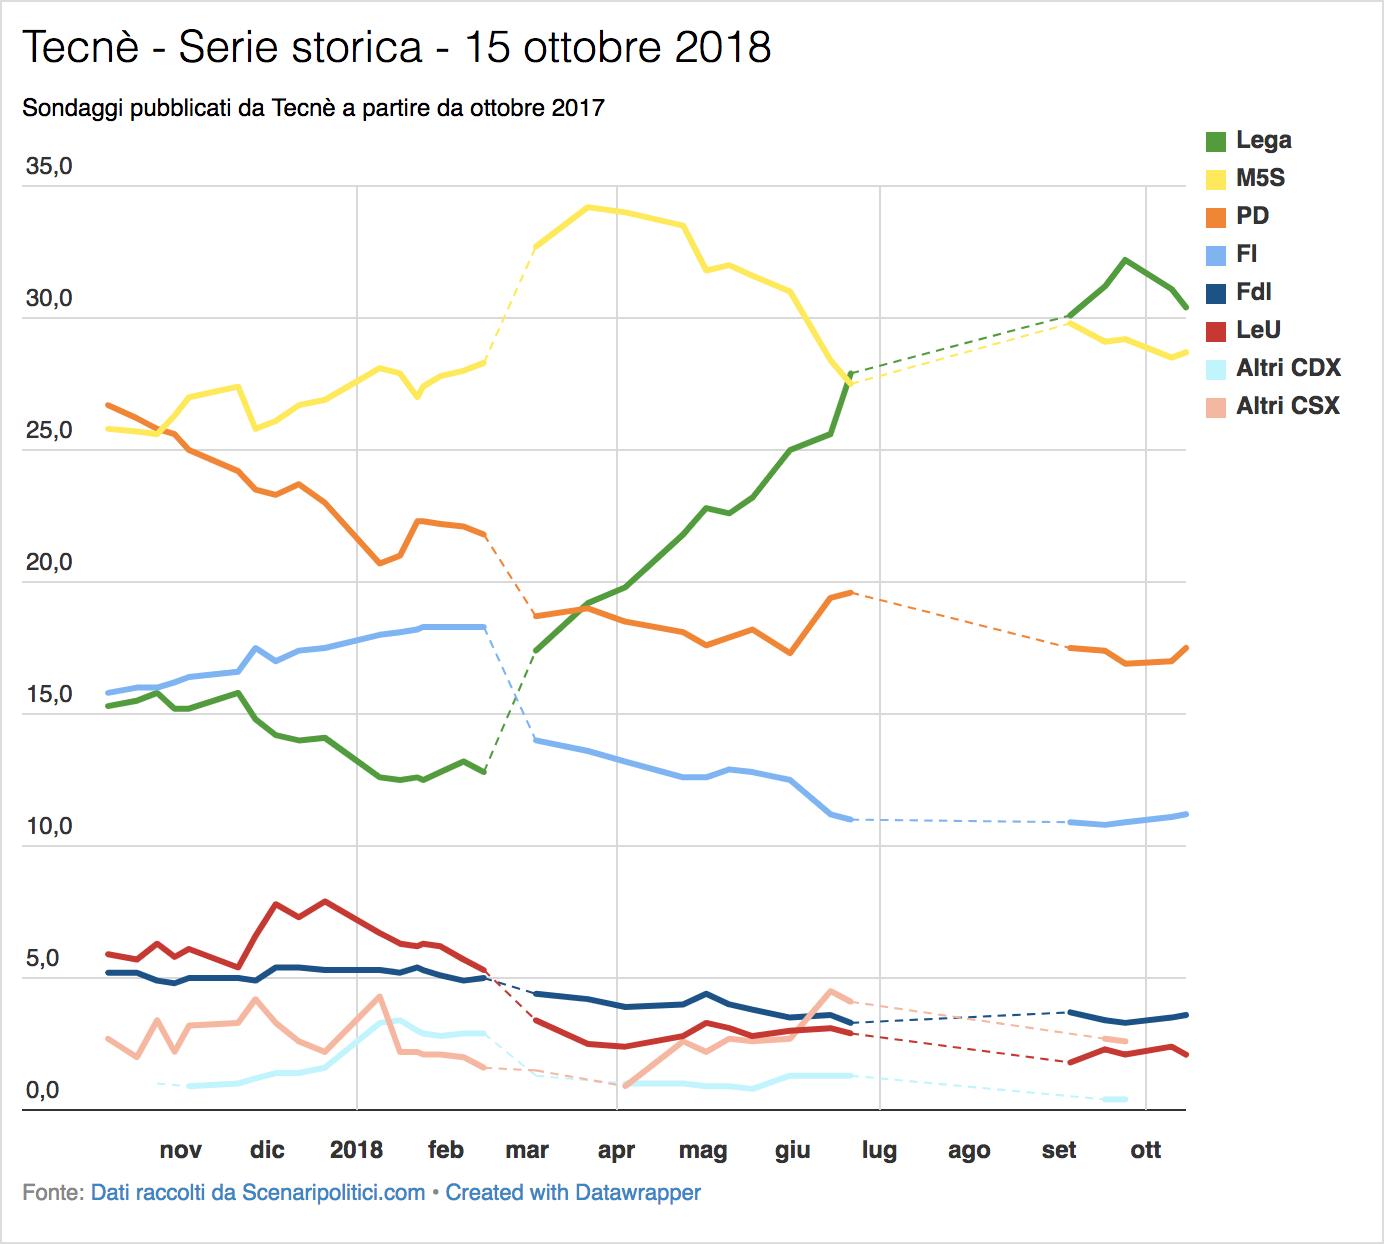 Sondaggio Tecnè (15 ottobre 2018):